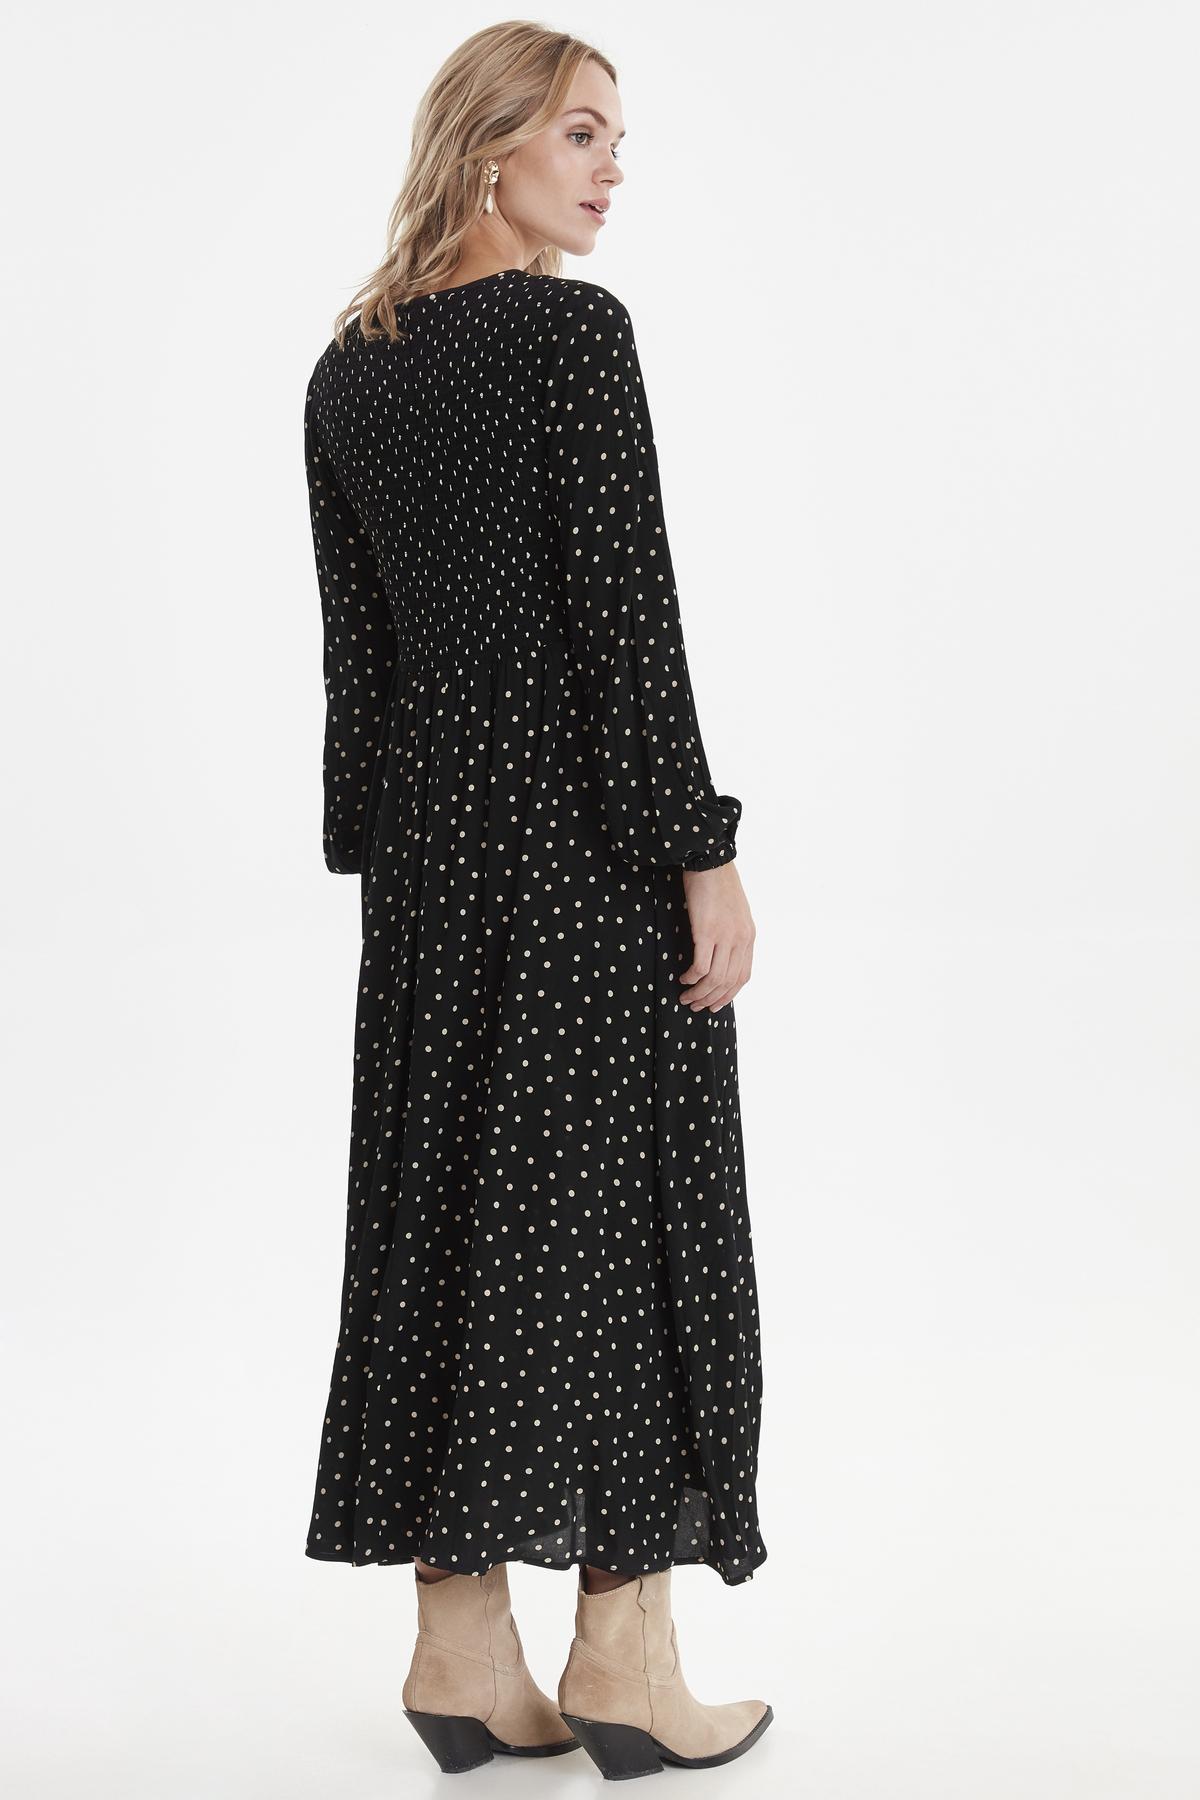 Fatima Black Smock Dress